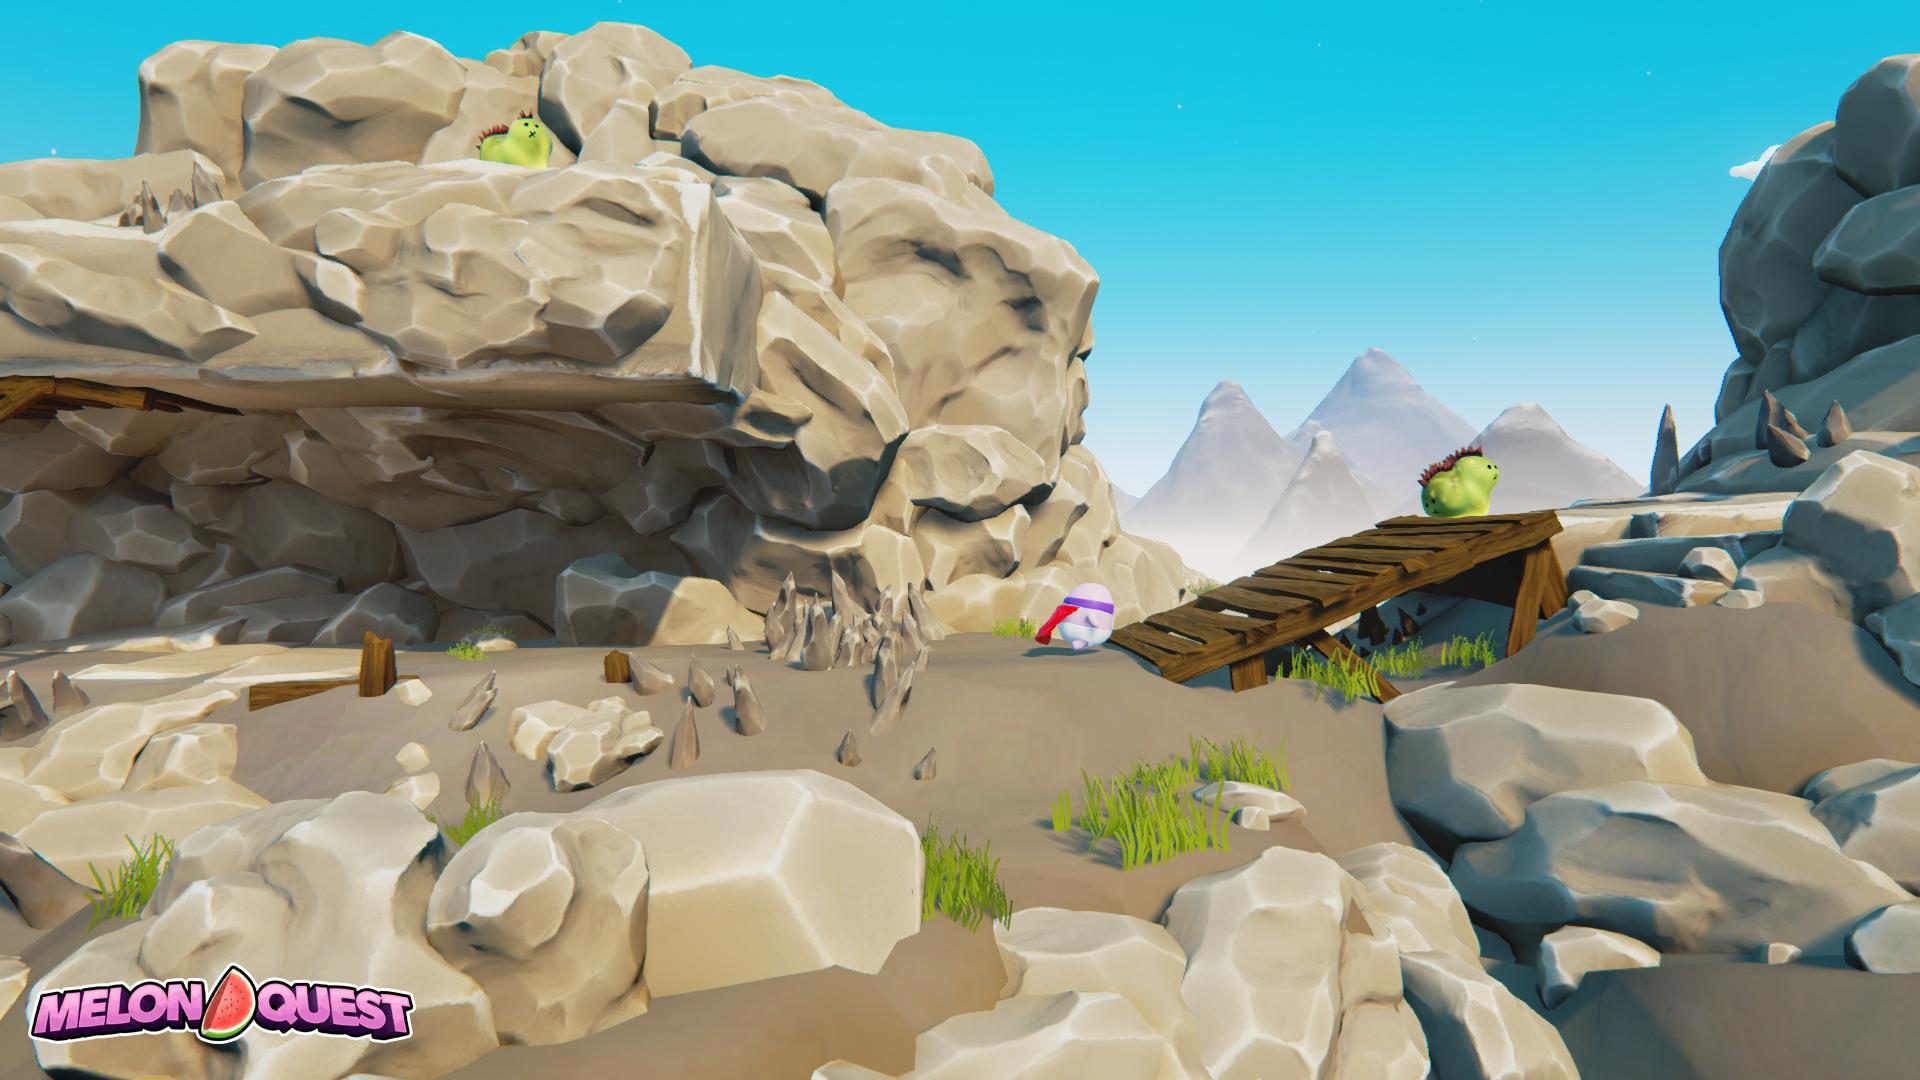 Re-developed Unreal Engine 4 scene